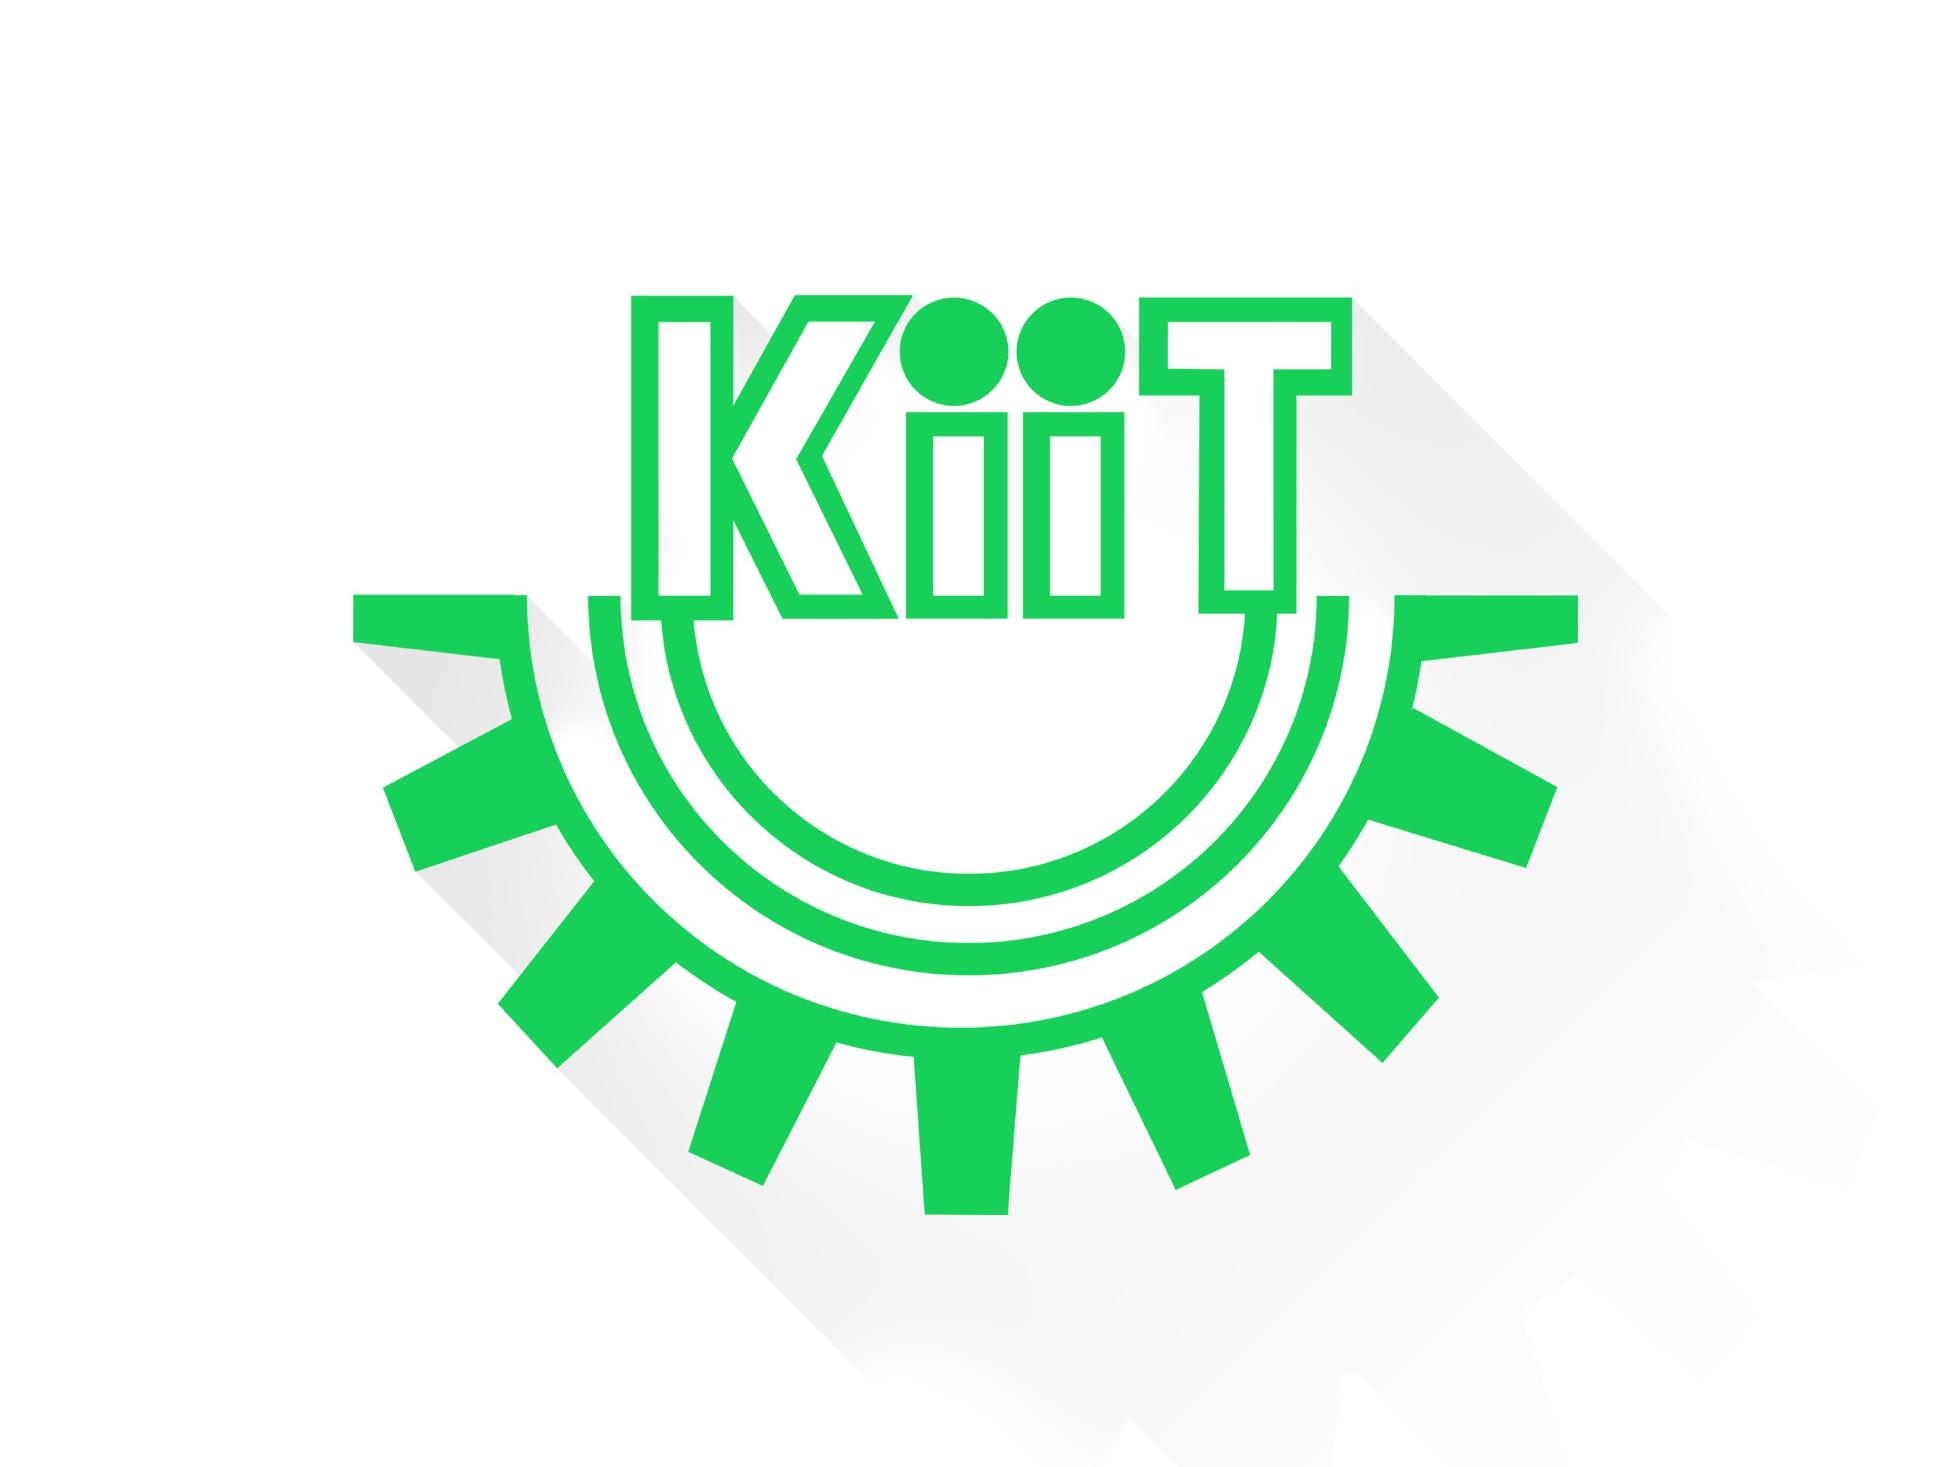 kiit-university-logo